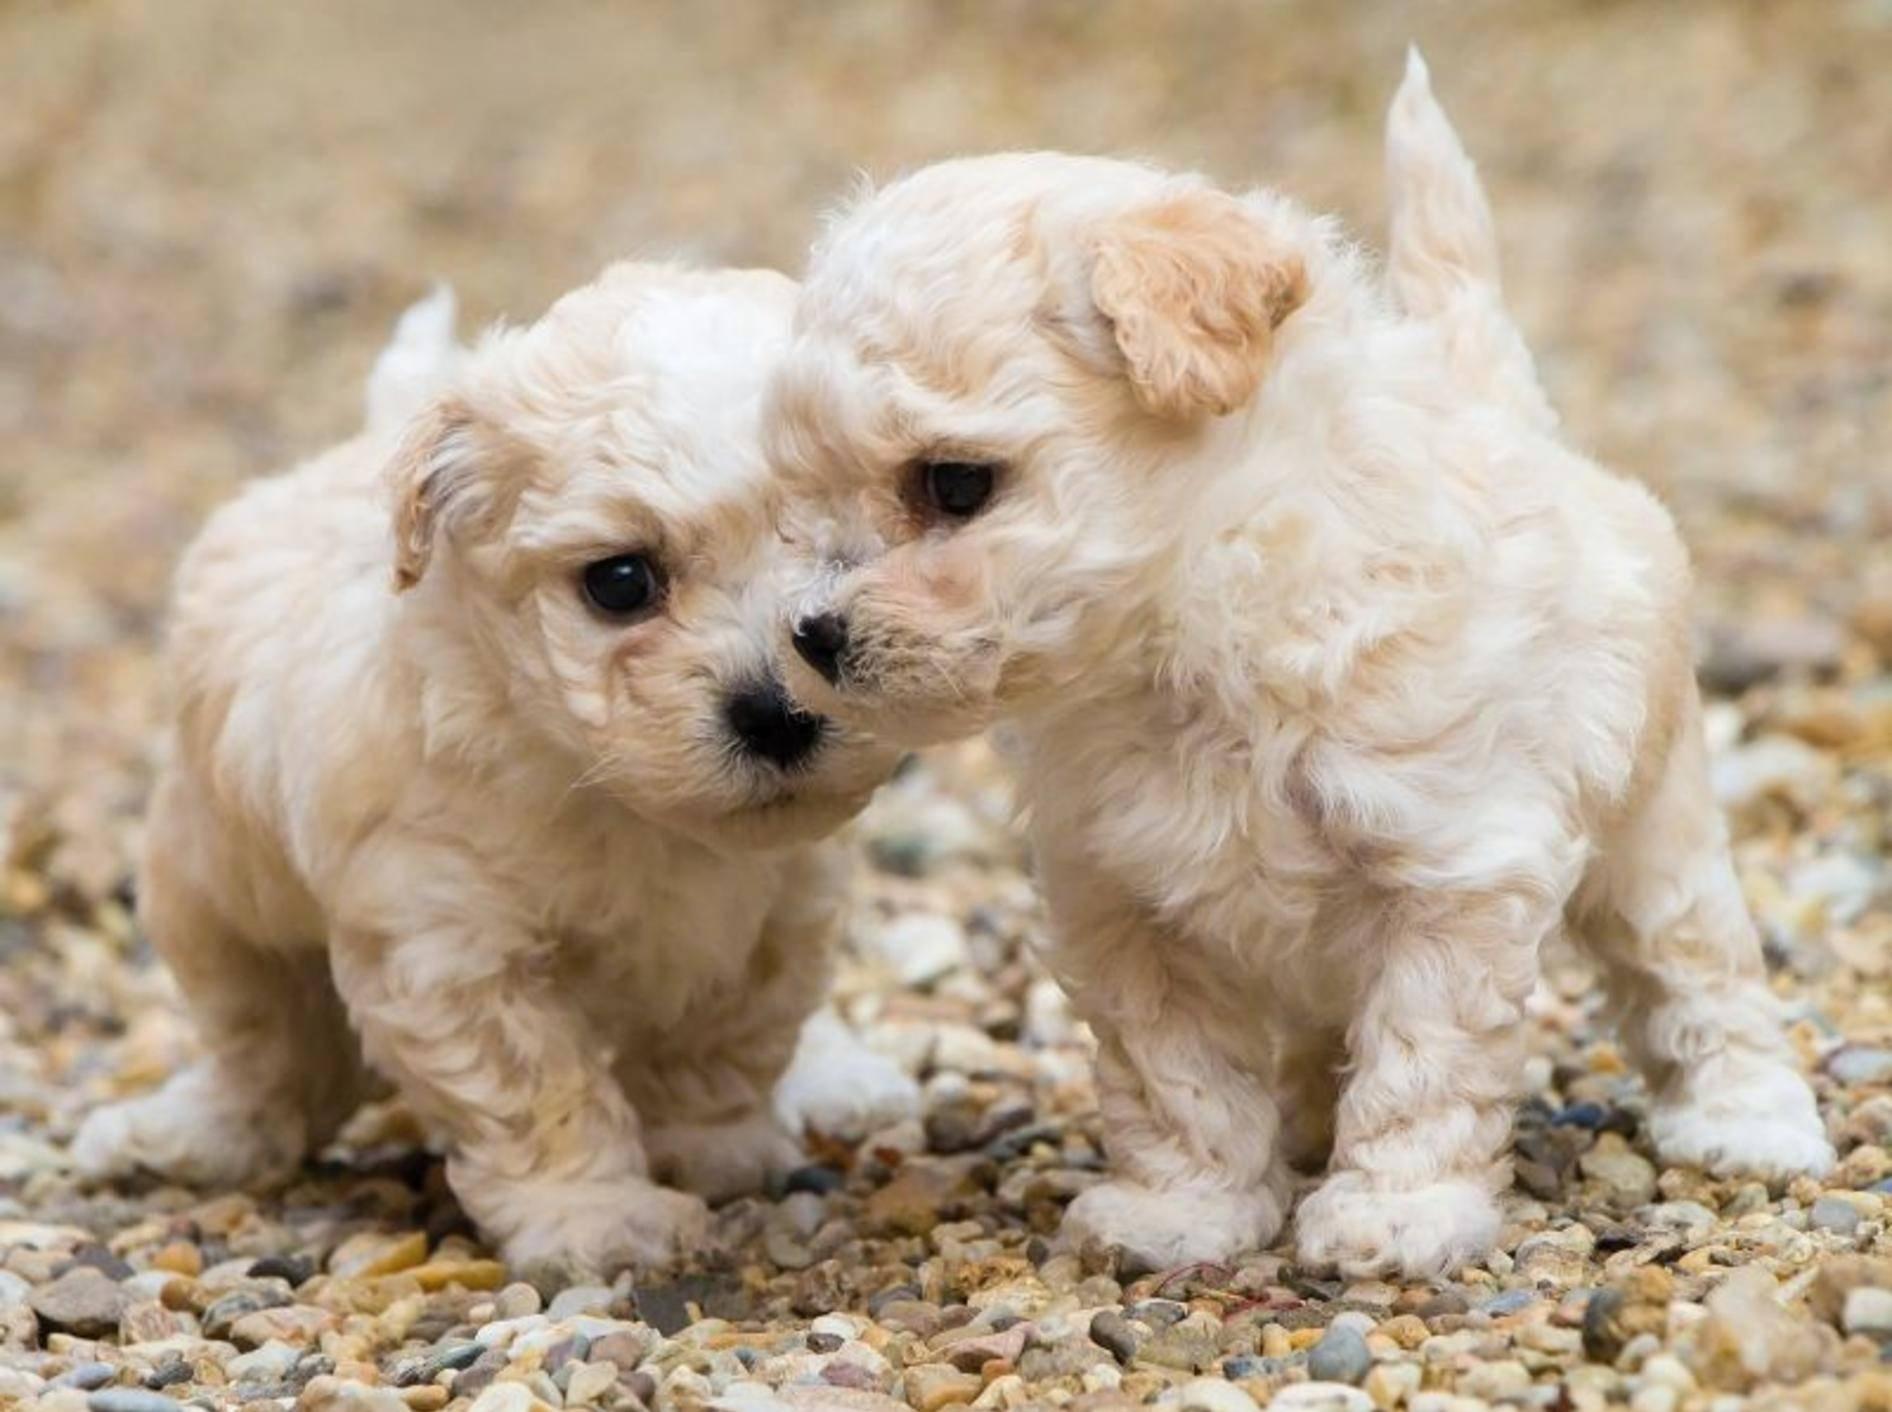 Tierisch klein und tierisch niedlich: Die ersten beiden Hunde in unserer Bildergalerie – Bild: Shutterstock / Petr Pajpach